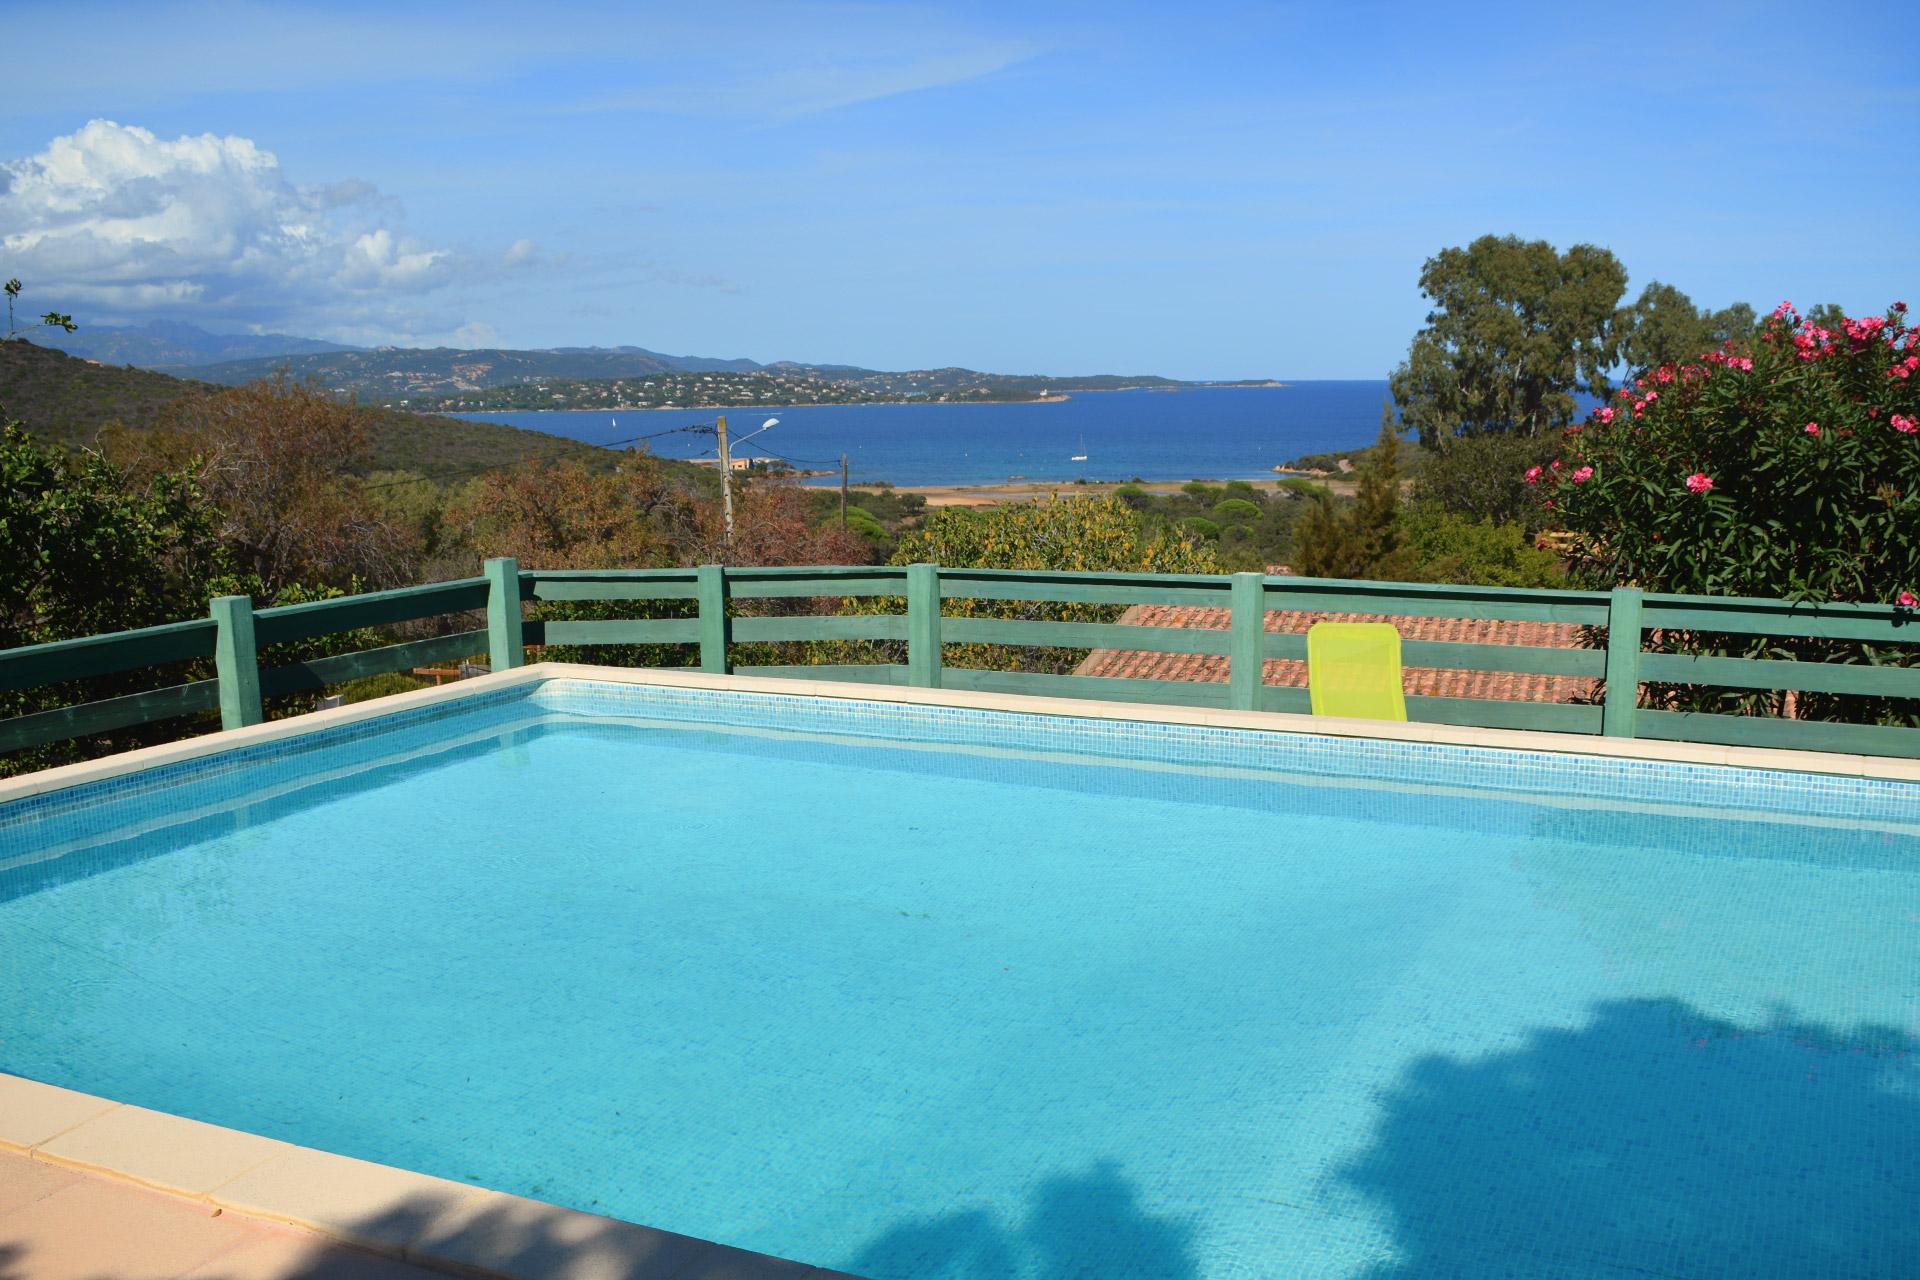 Location vacances, chalet en bord de mer Porto-Vecchio Corse-du-Sud